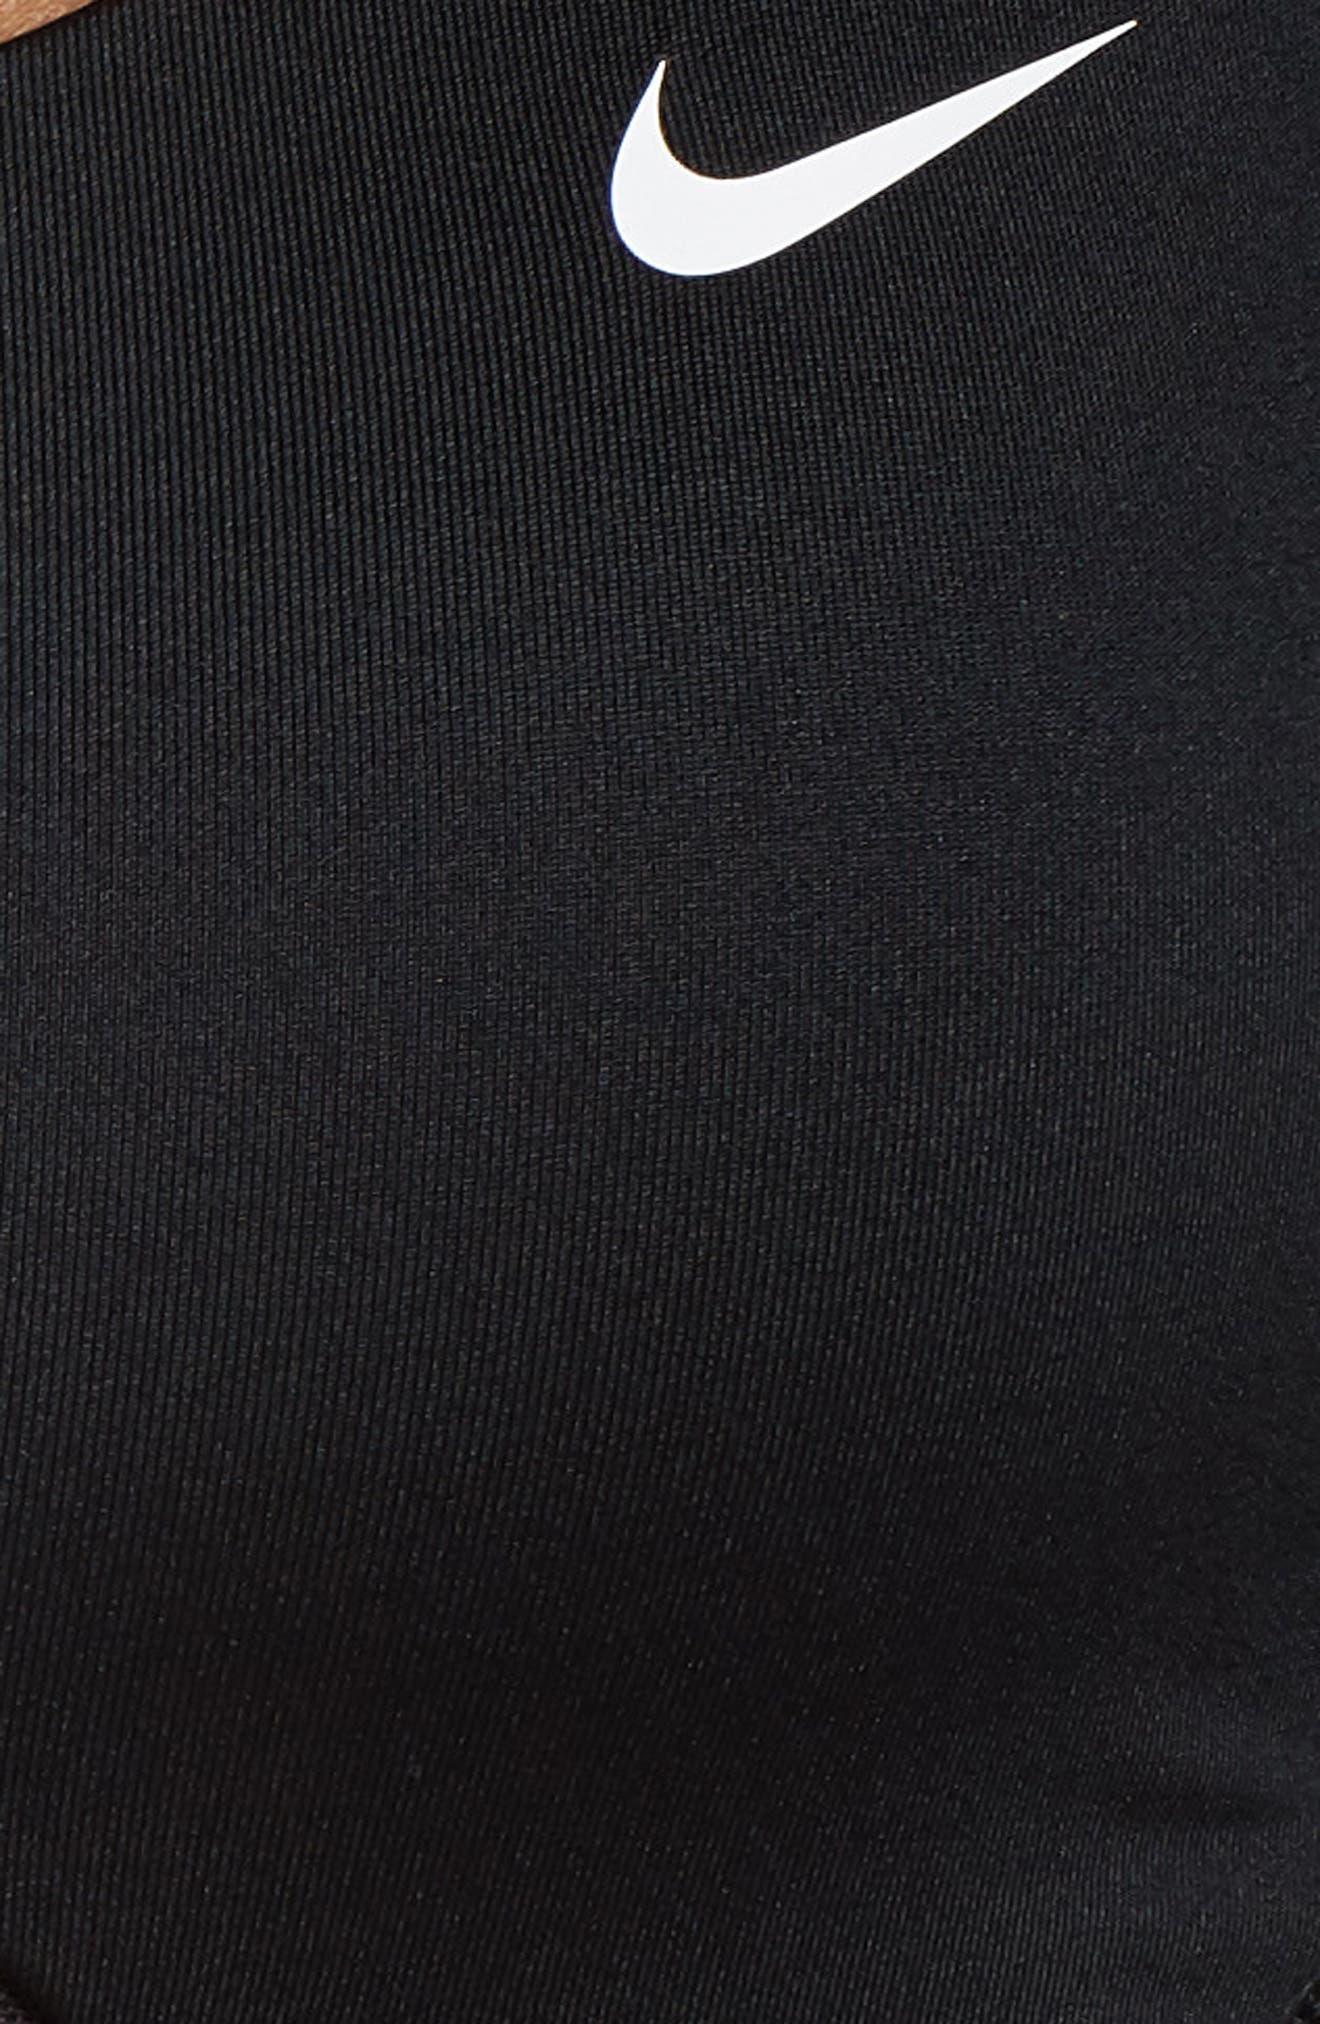 Infinity Dri-FIT Sports Bra,                             Alternate thumbnail 6, color,                             BLACK/ BLACK/ WHITE